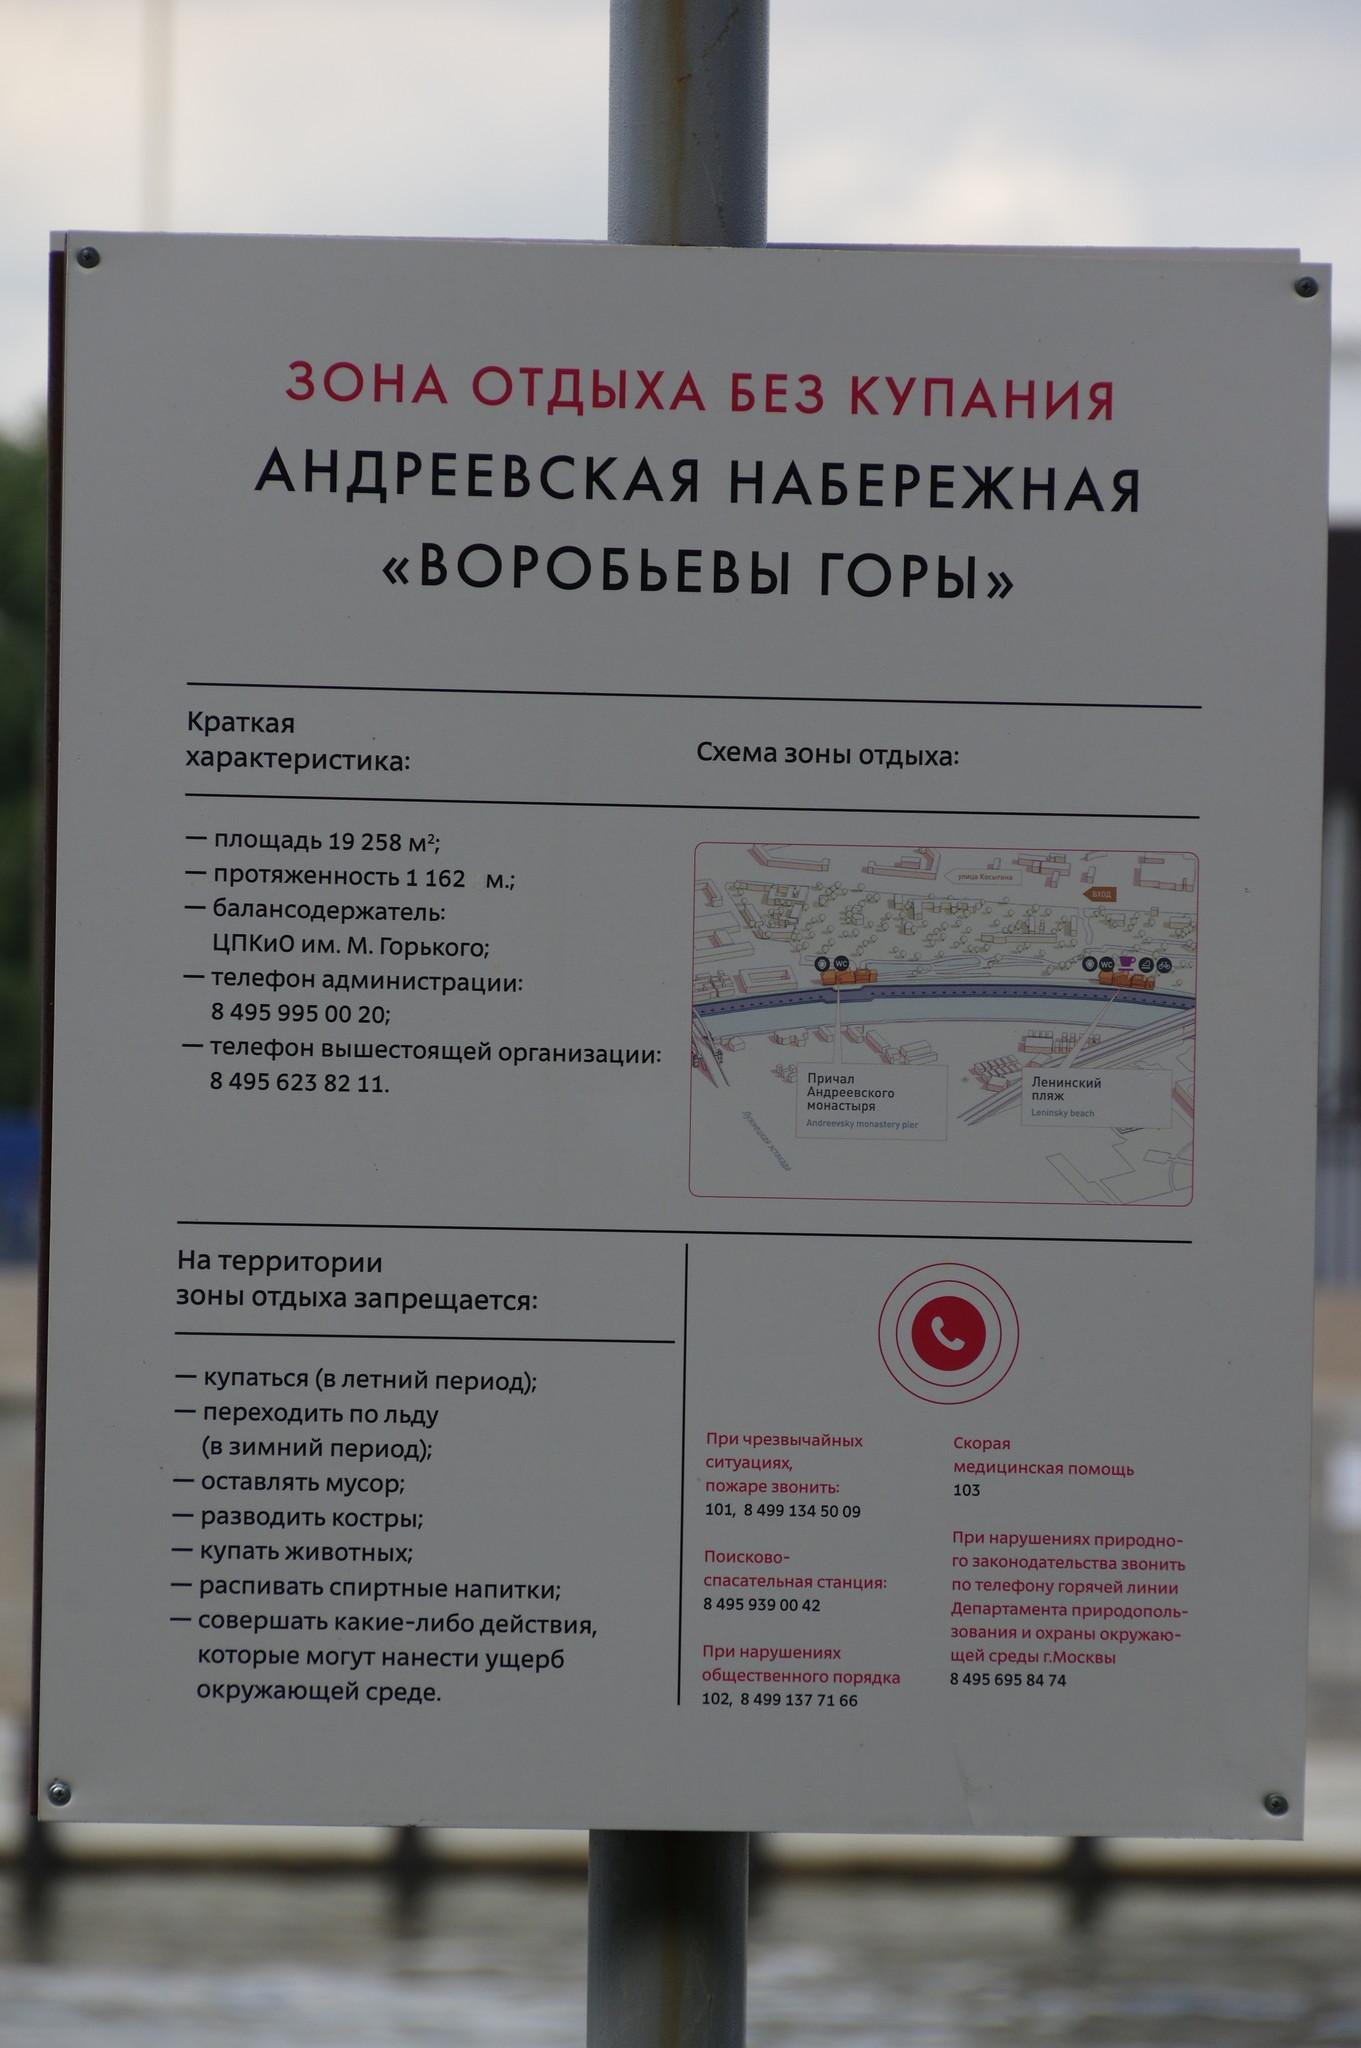 Зона отдыха без купания Андреевская набережная «Воробьёвы горы»